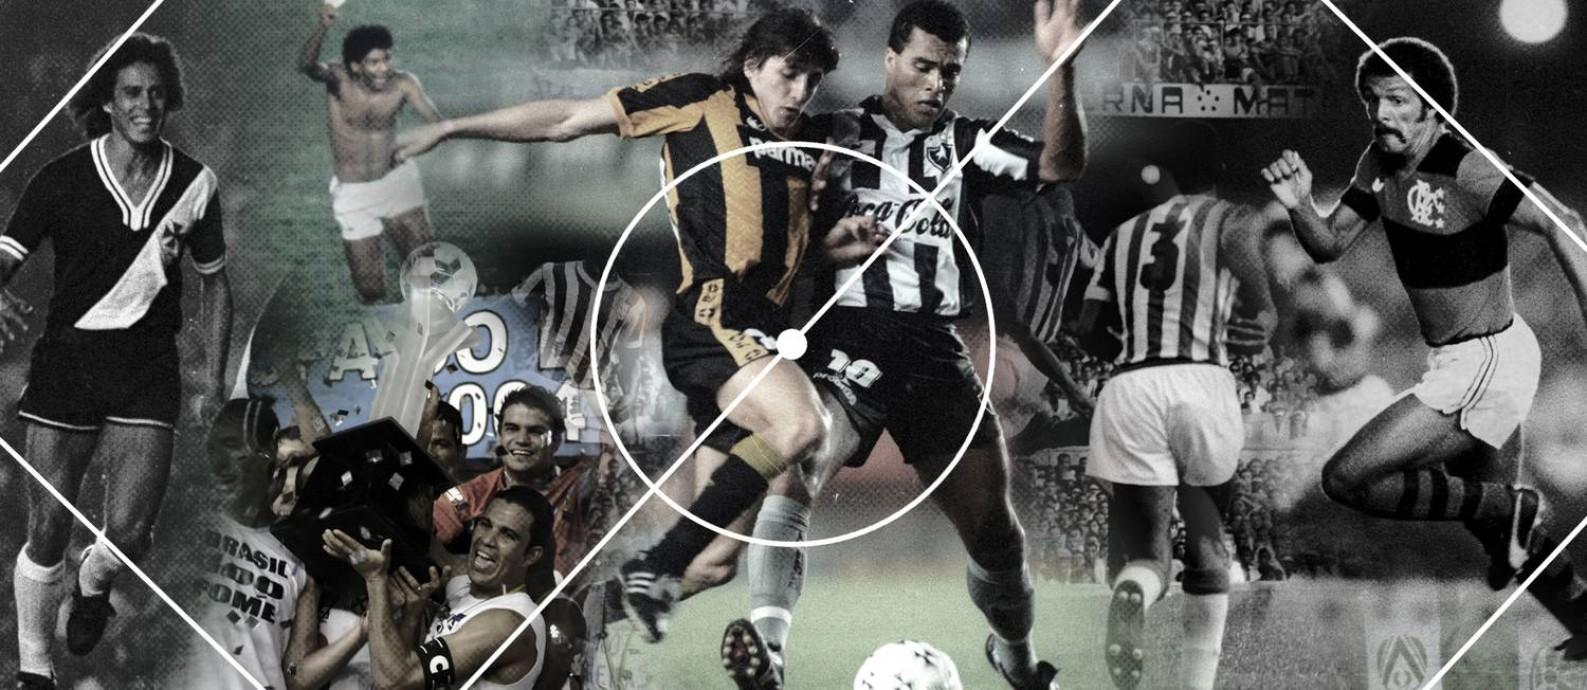 Segunda parte do ranking de maiores jogos da história do Maracanã: do 41º ao 50º lugares Foto: Editoria de Arte